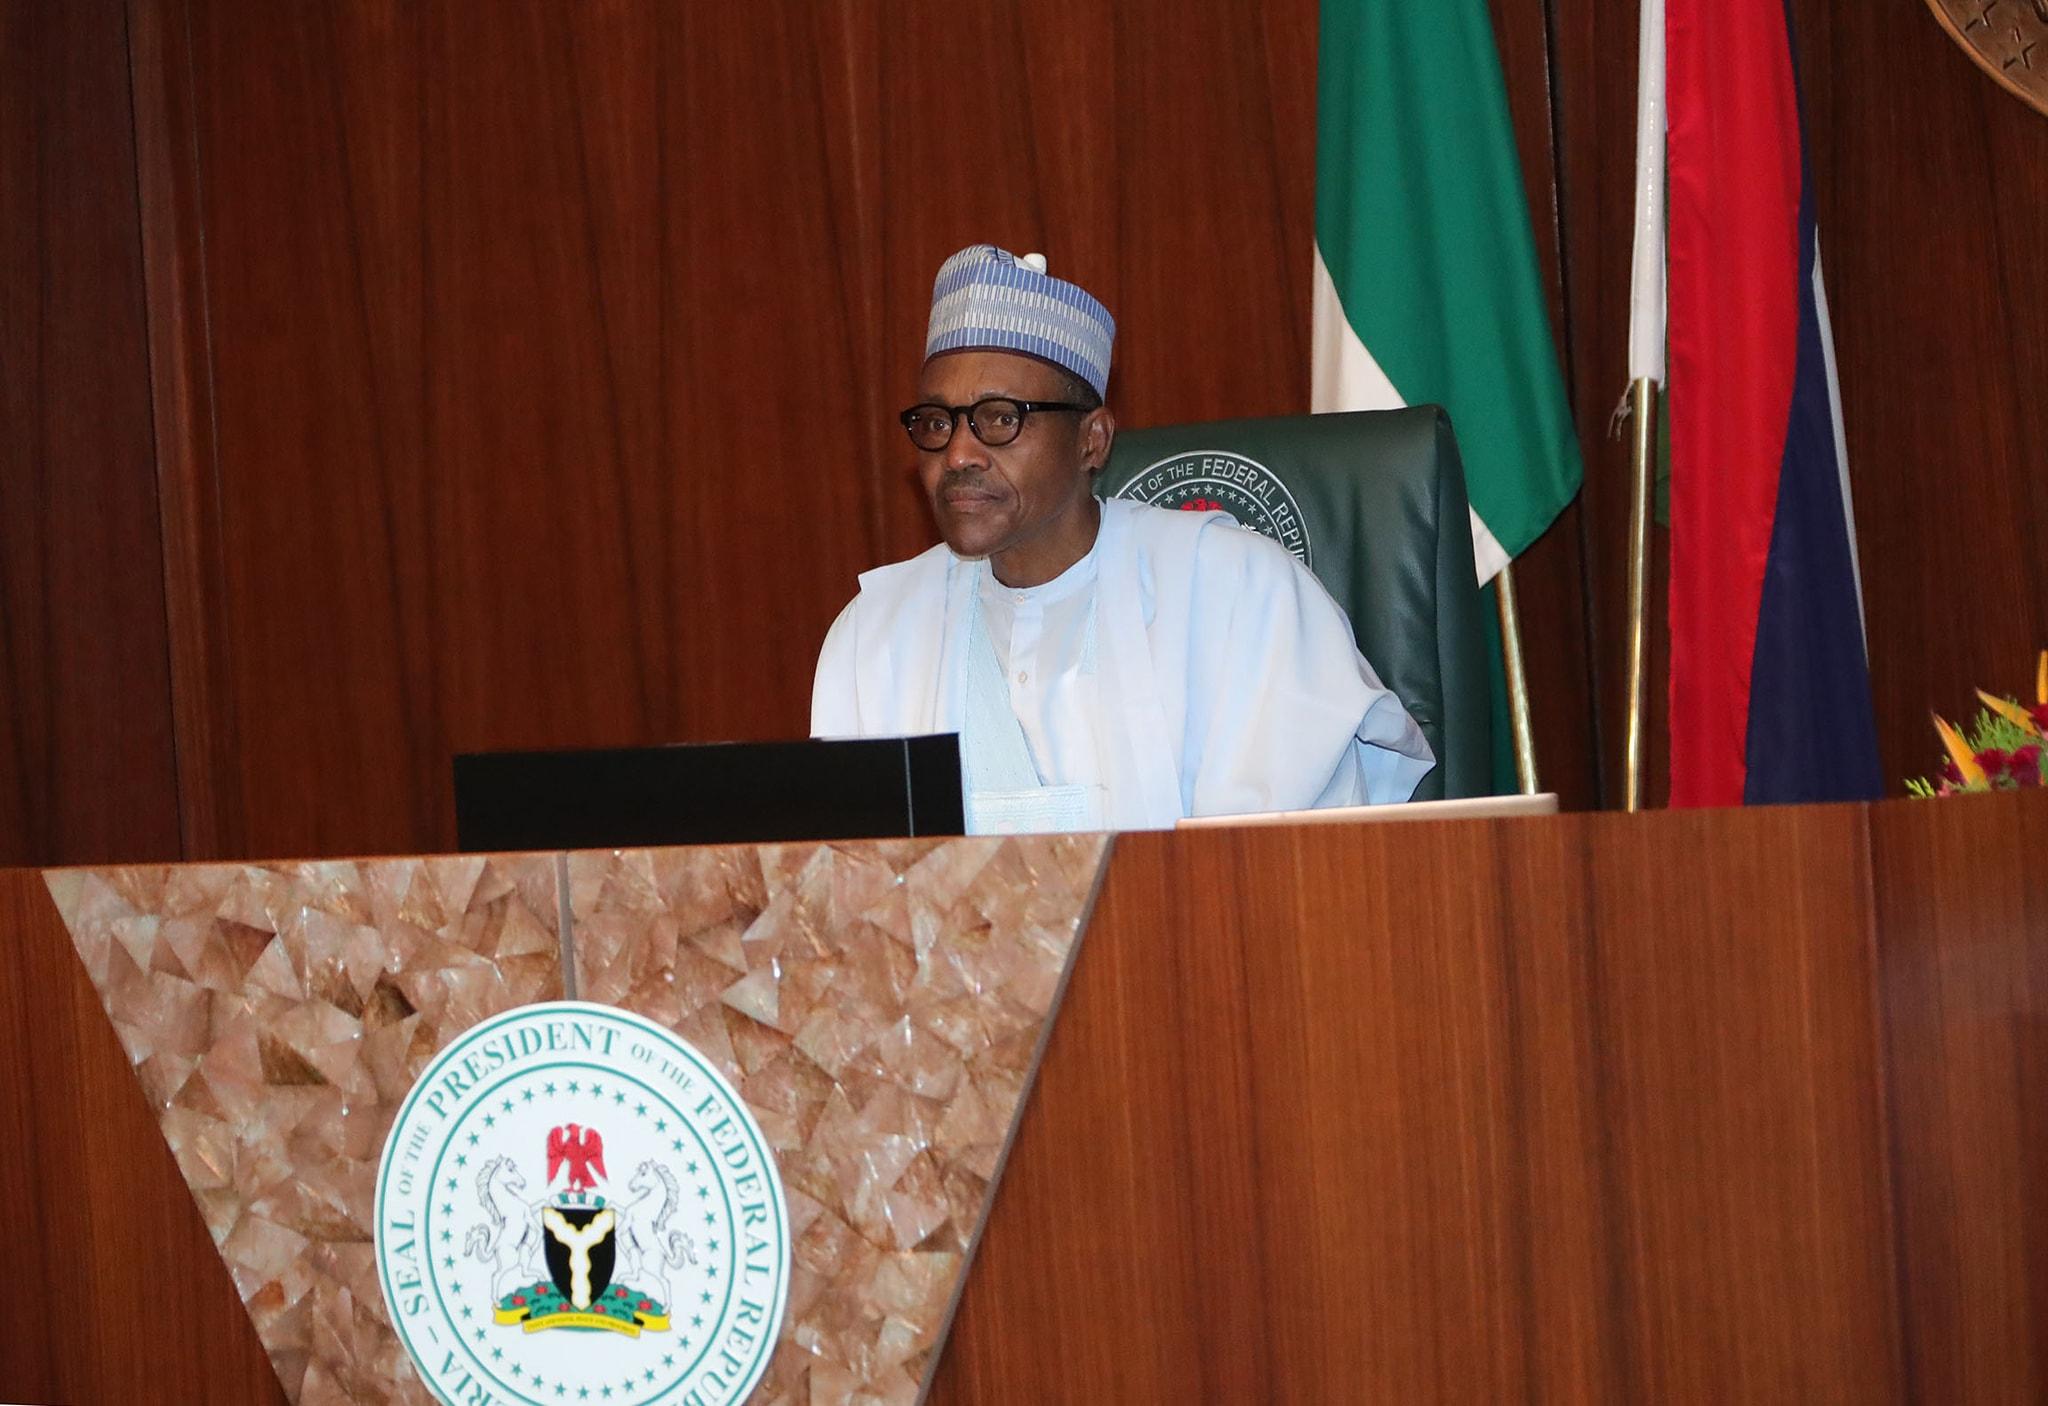 Efforts Underway To End Herdsmen-Farmers' Crisis - President Buhari